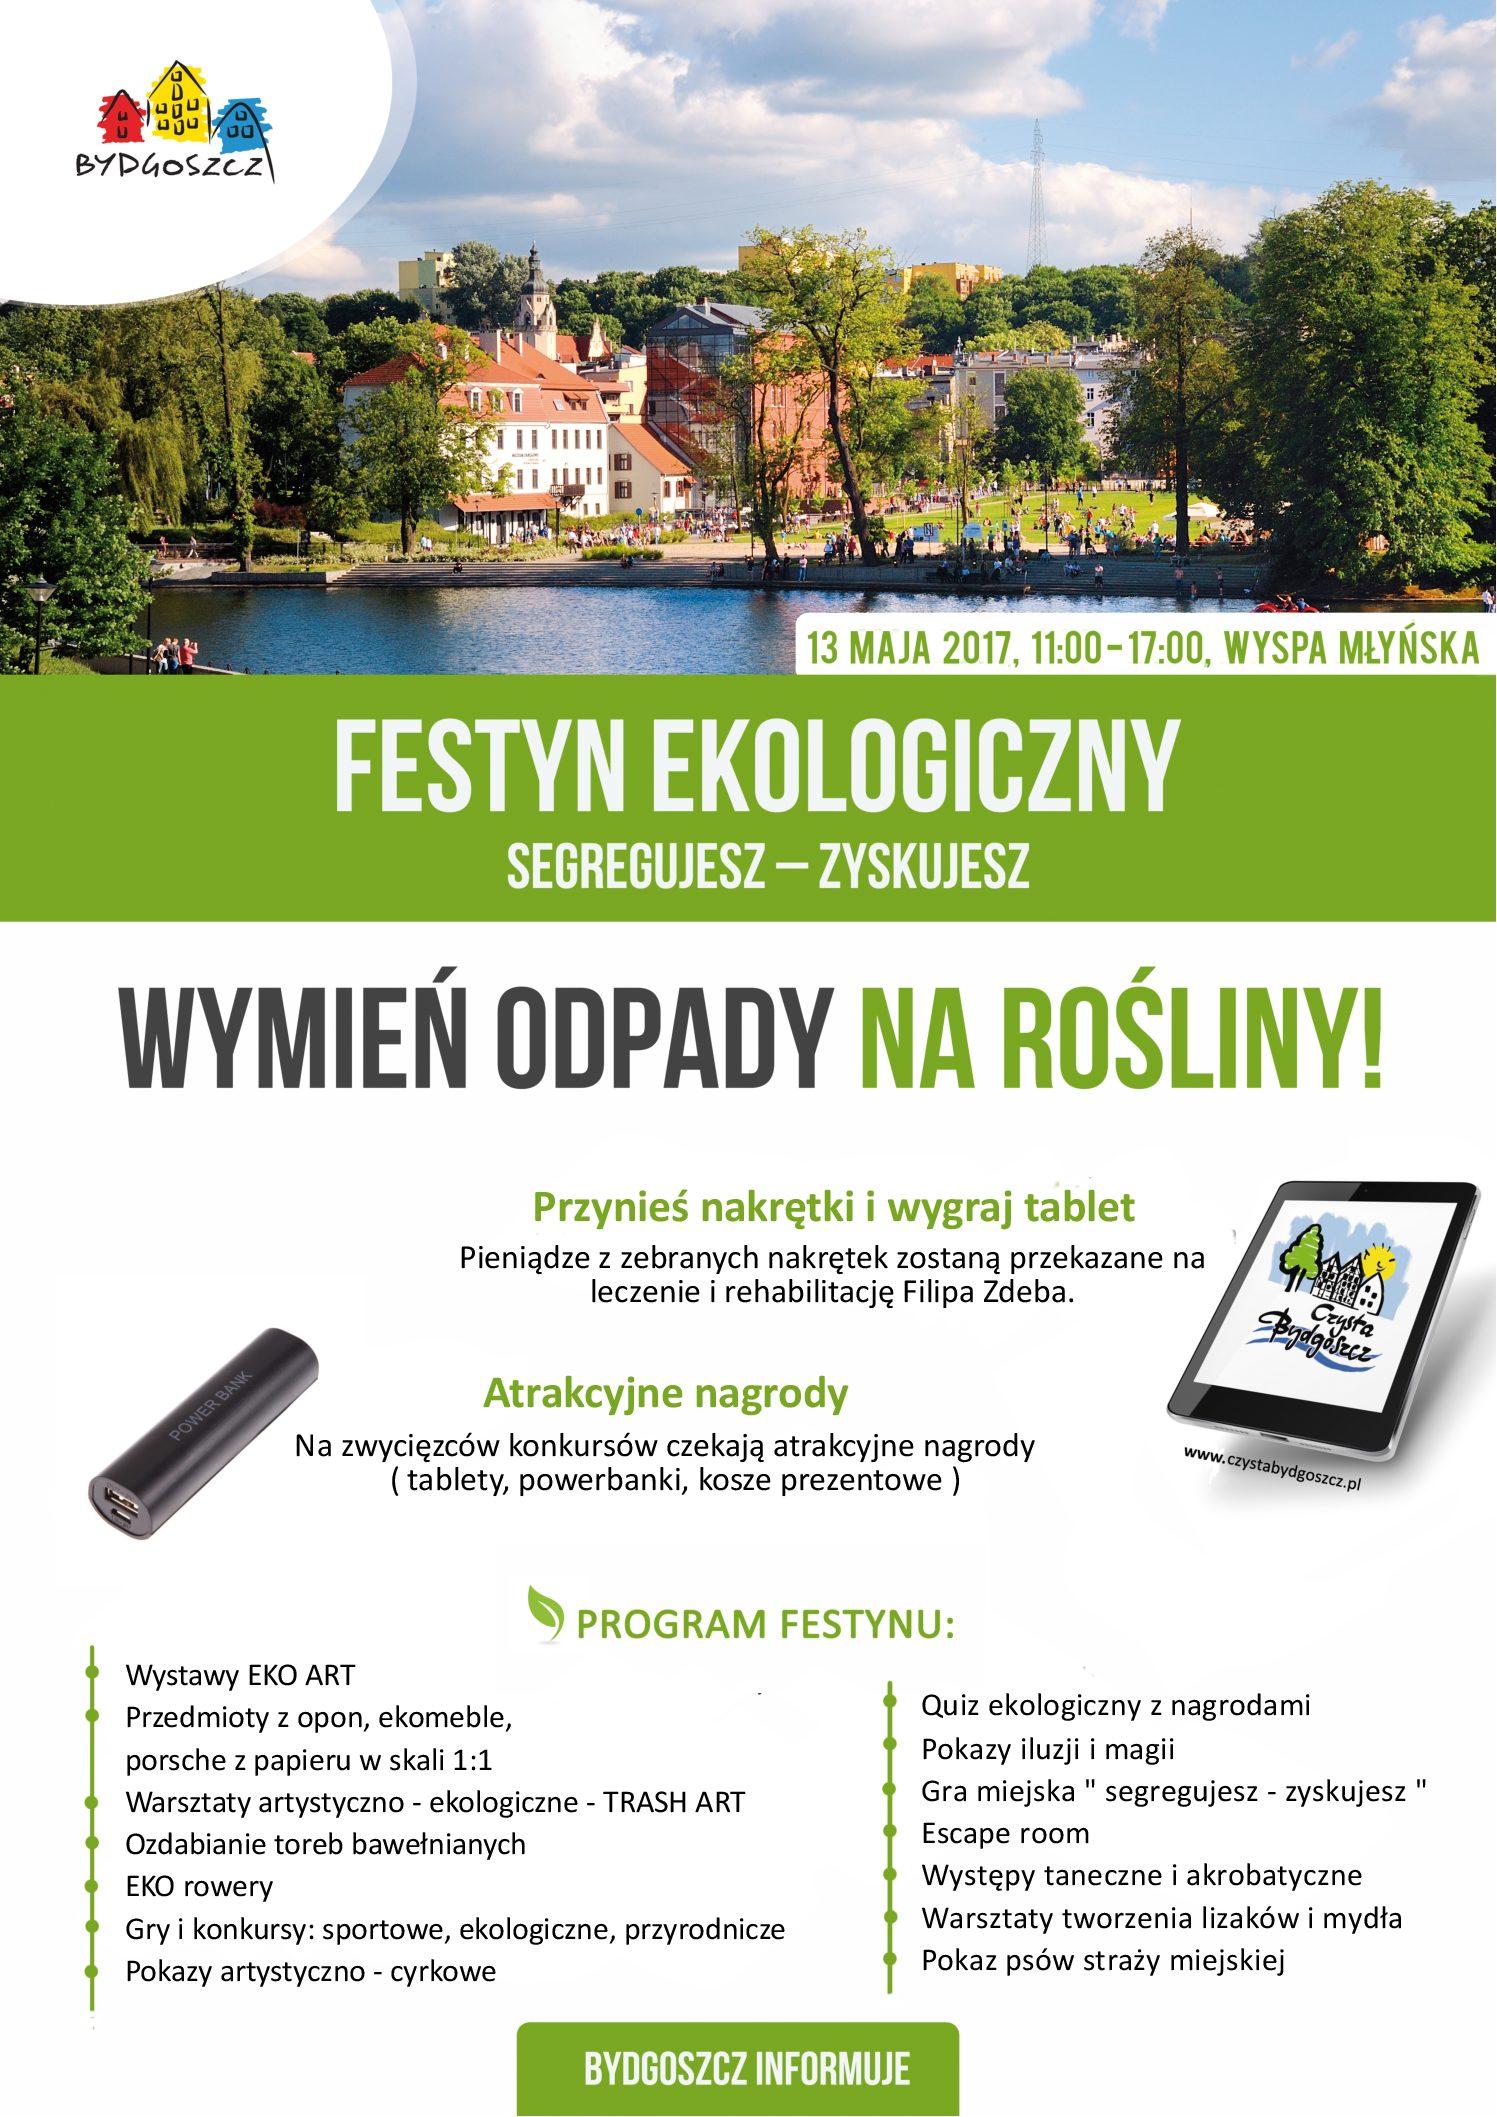 """Festyn ekologiczny """"Segregujesz odpady – Zyskujesz"""" już 13 maja"""